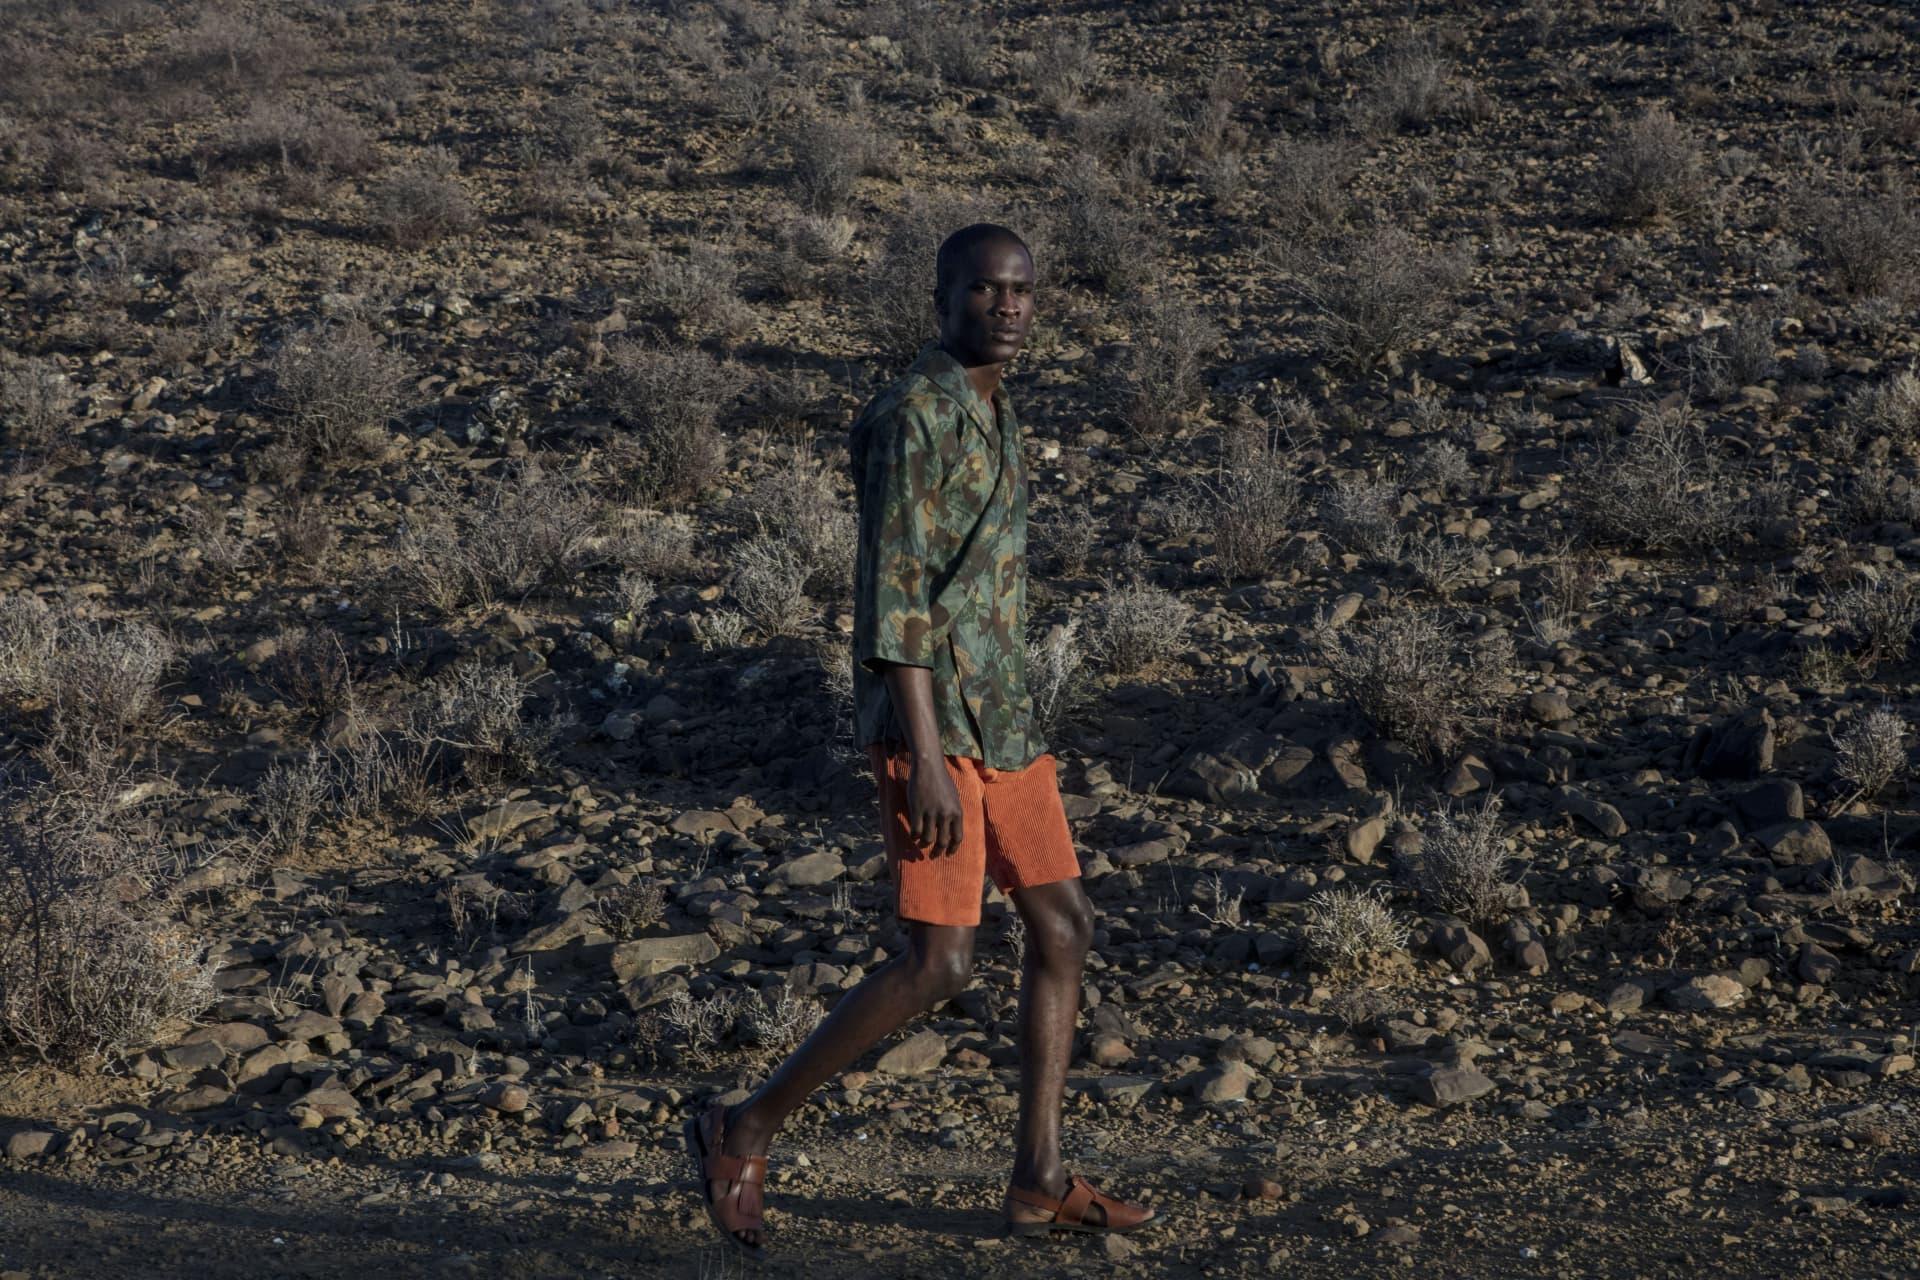 Floyd Avenue camo wrap top. Nicholas Coutts corduroy shorts ALC Menswear sandals.